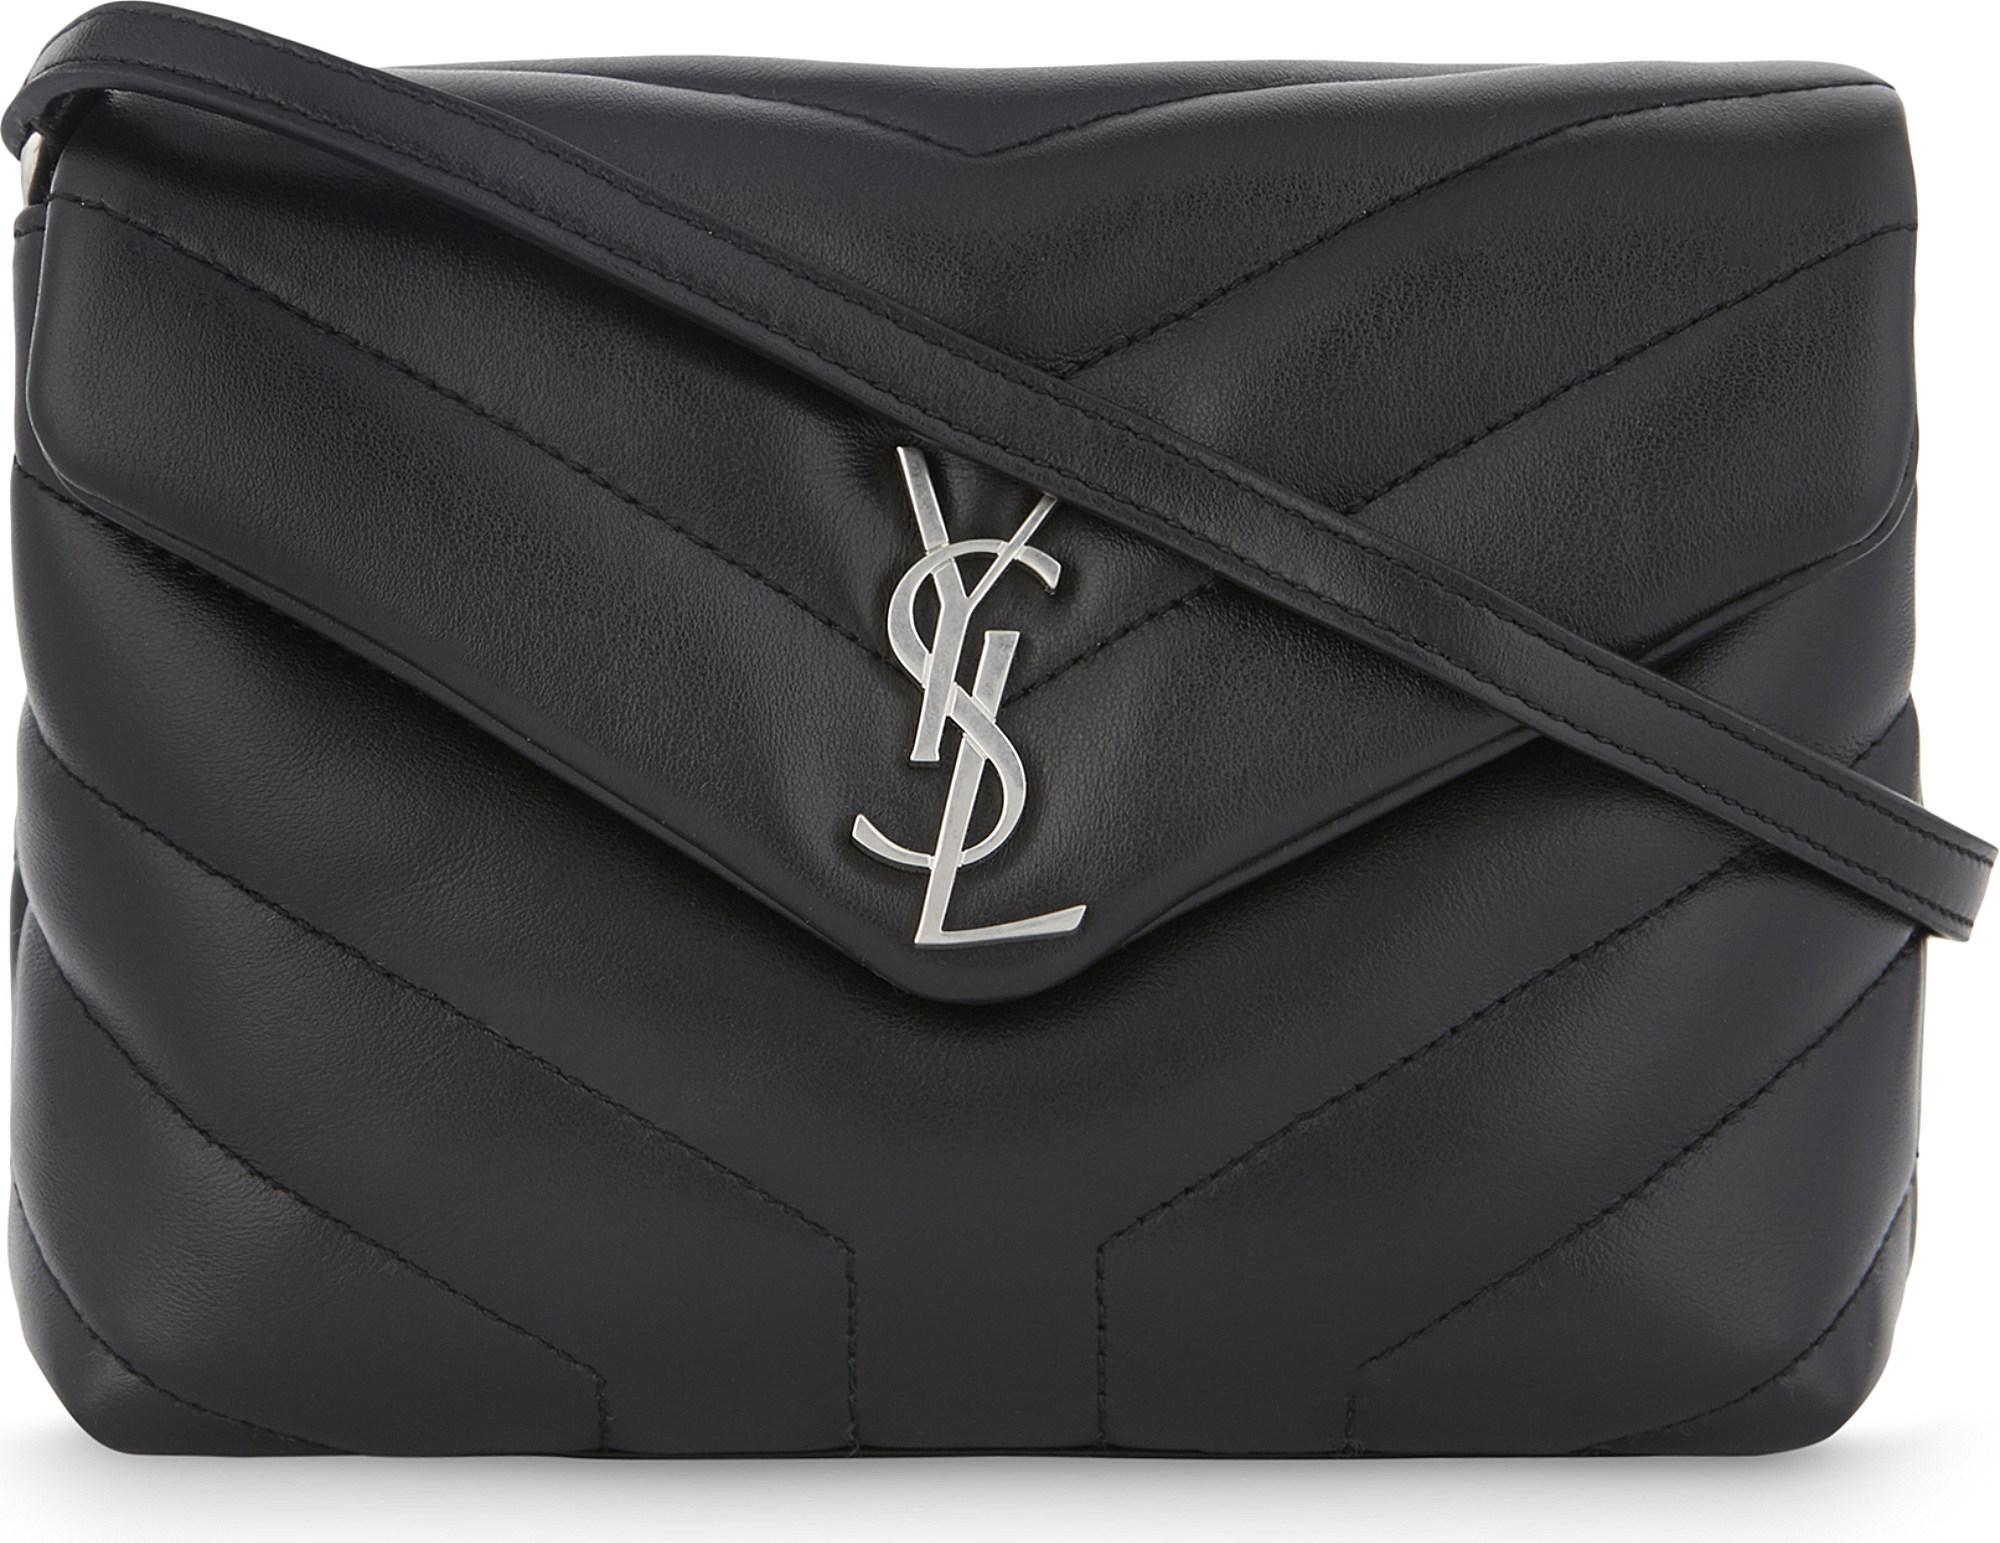 c66cc2469909 Saint Laurent. Women s Black Monogram Lou Lou Quilted Leather Cross-body Bag